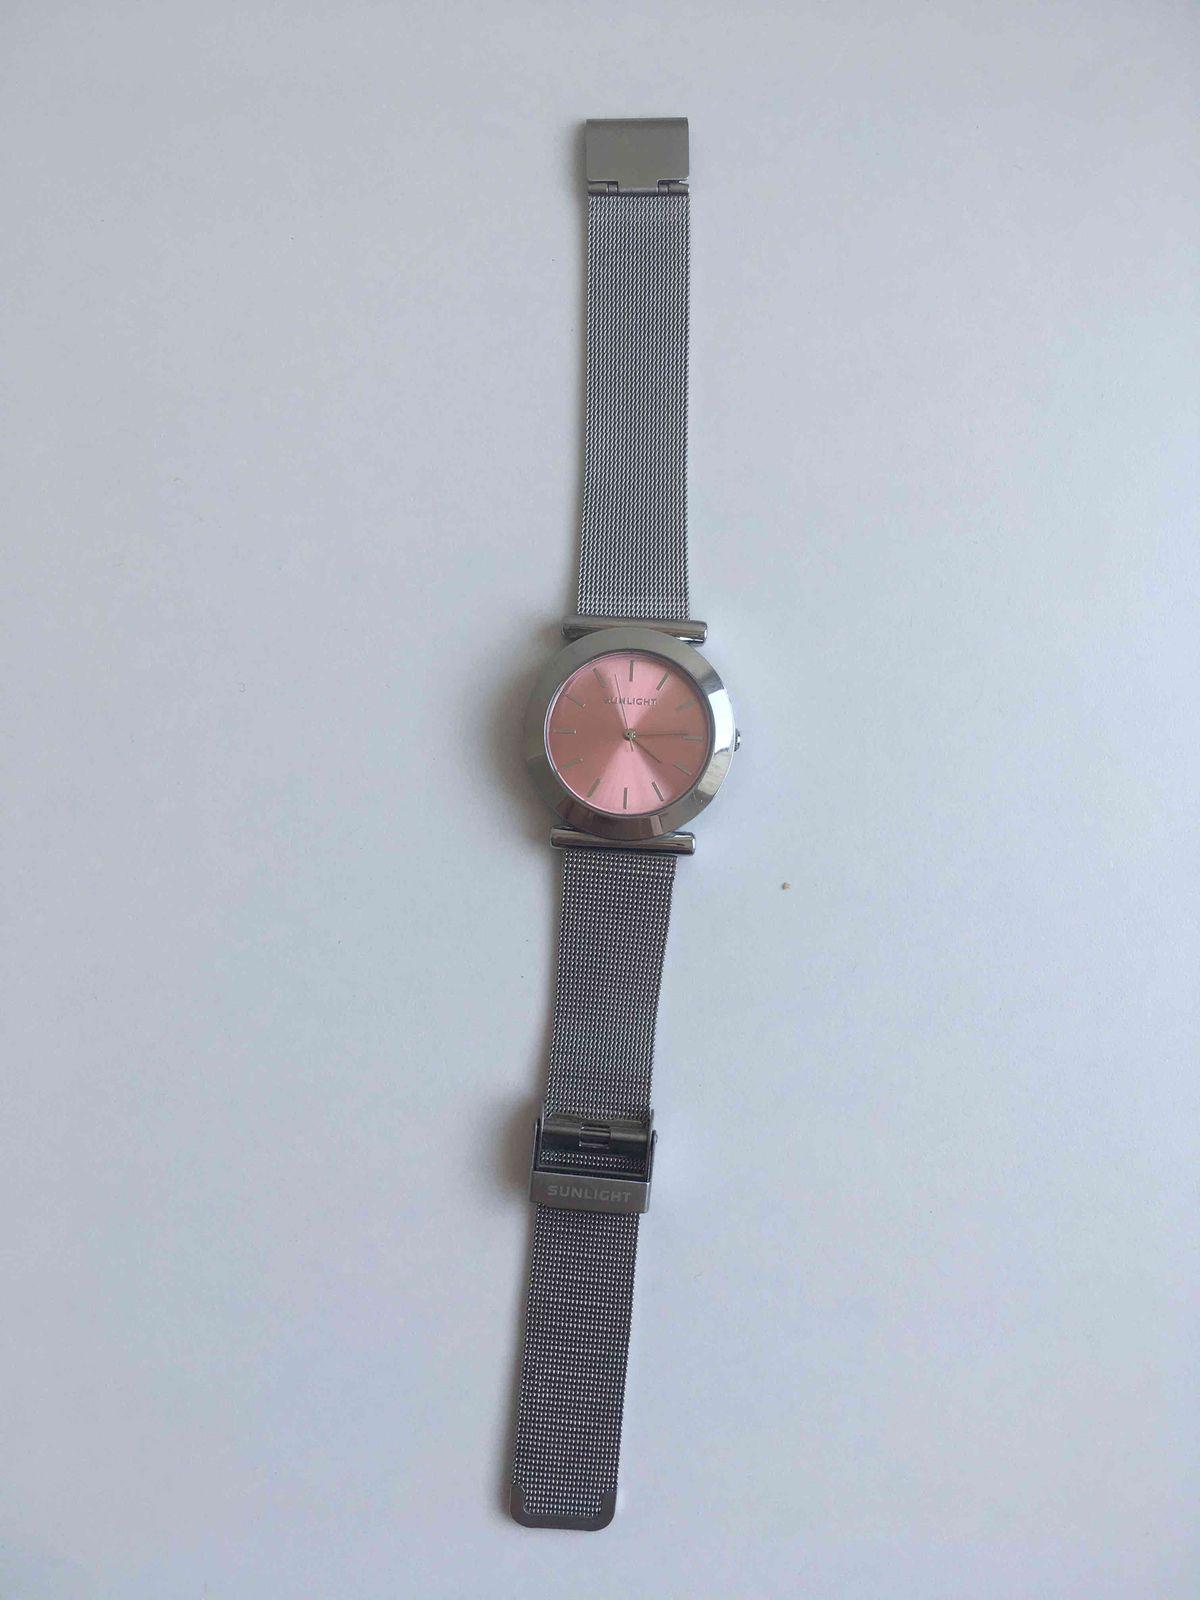 Прекрасные часы с очень женственным внешним видом